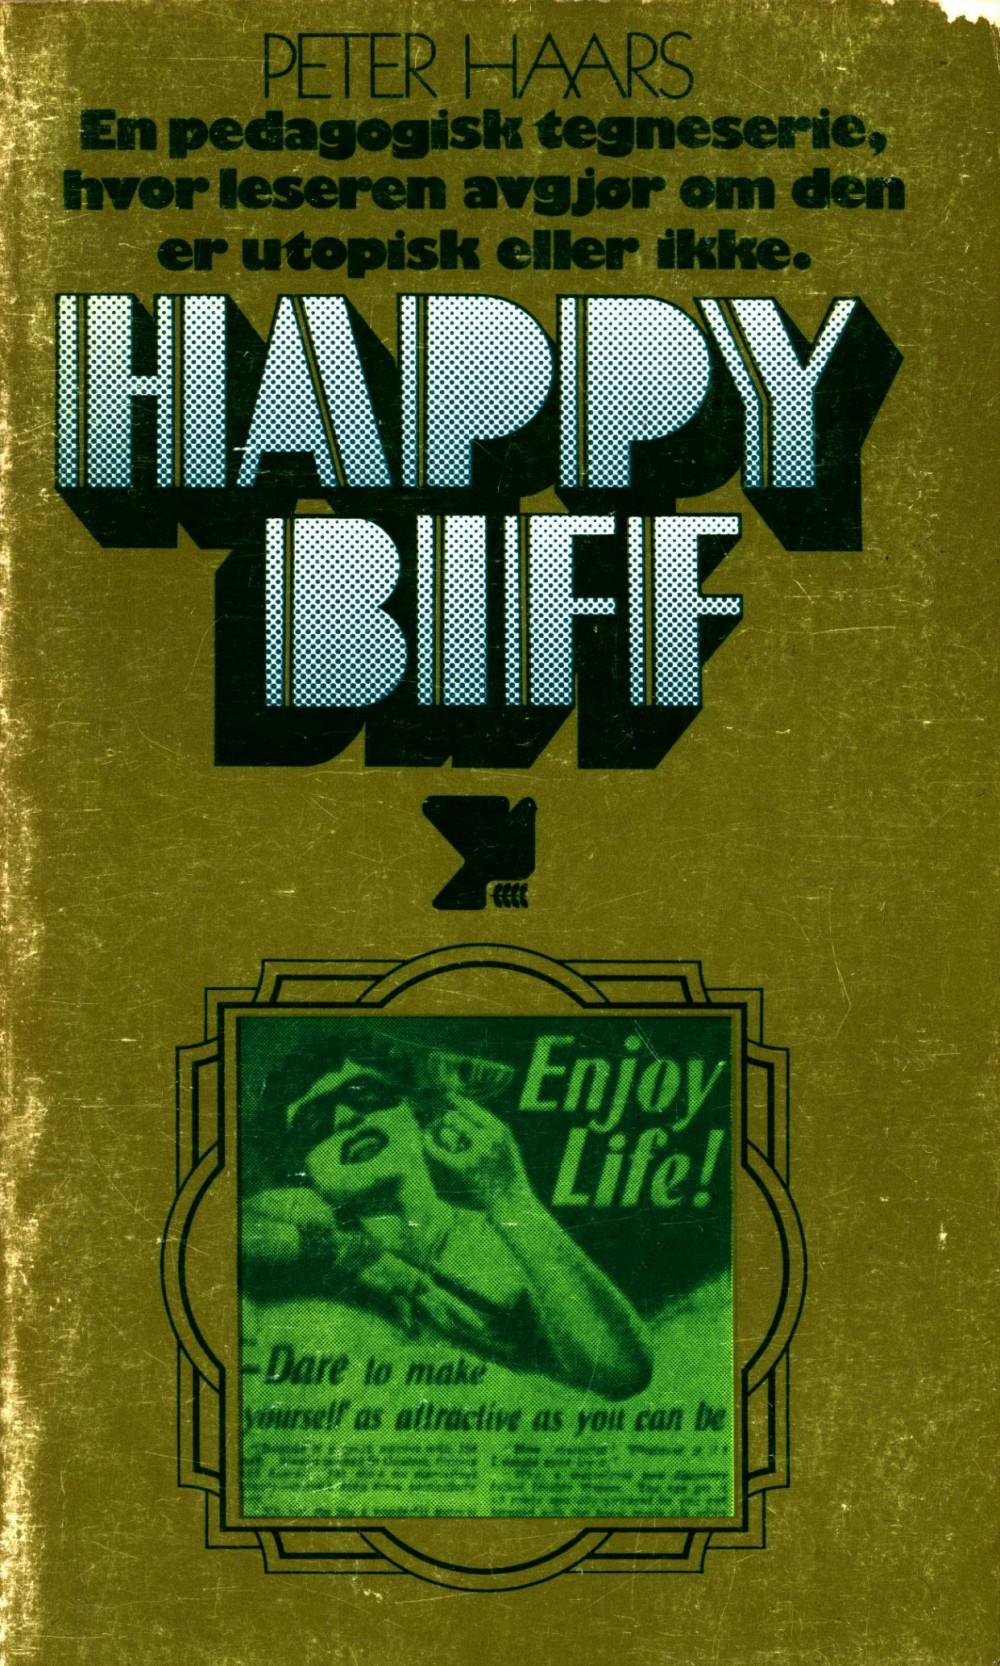 Peter Haars: Happybiff